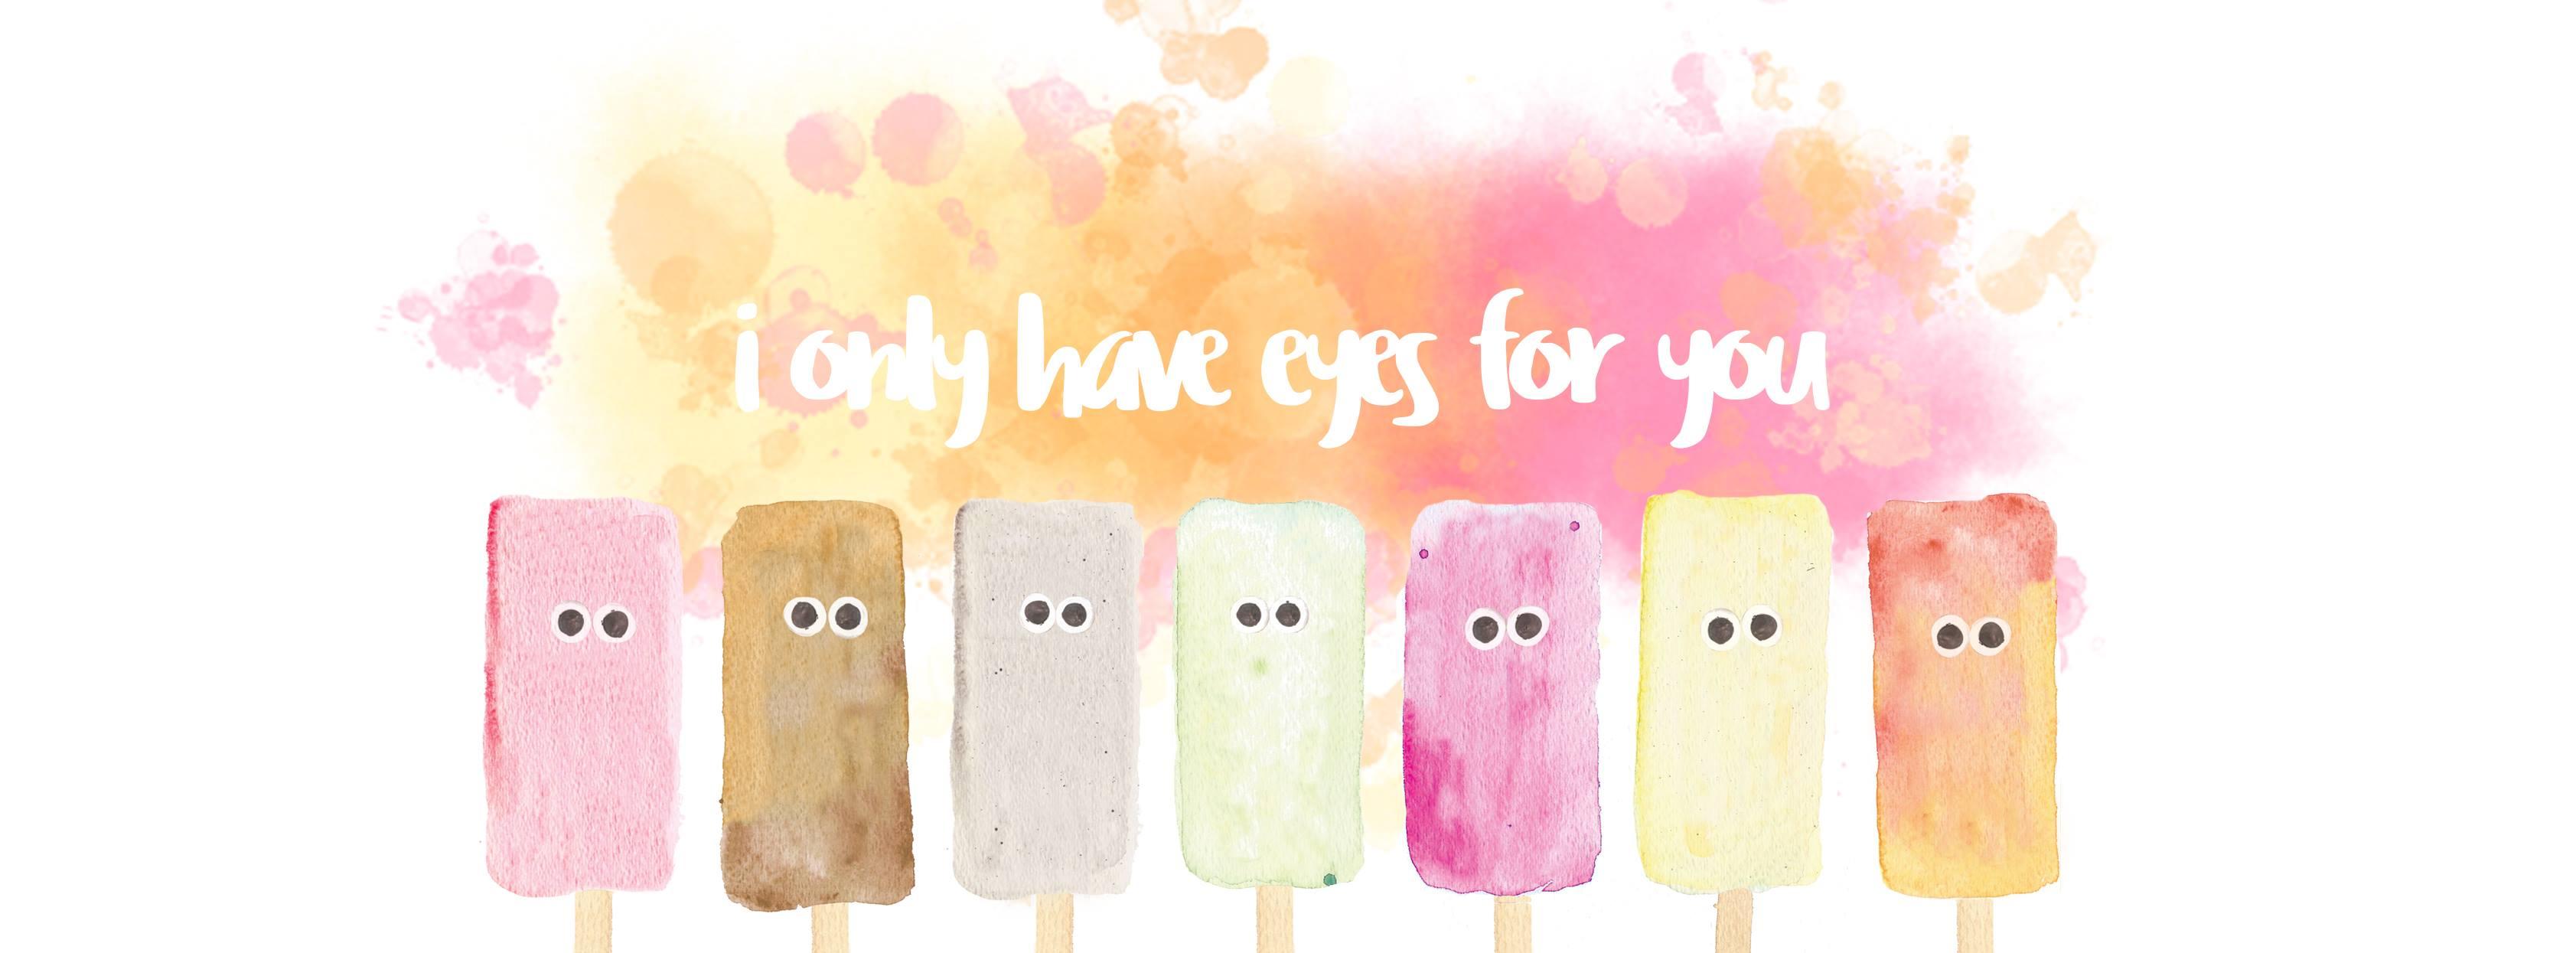 4. Eyes Pop